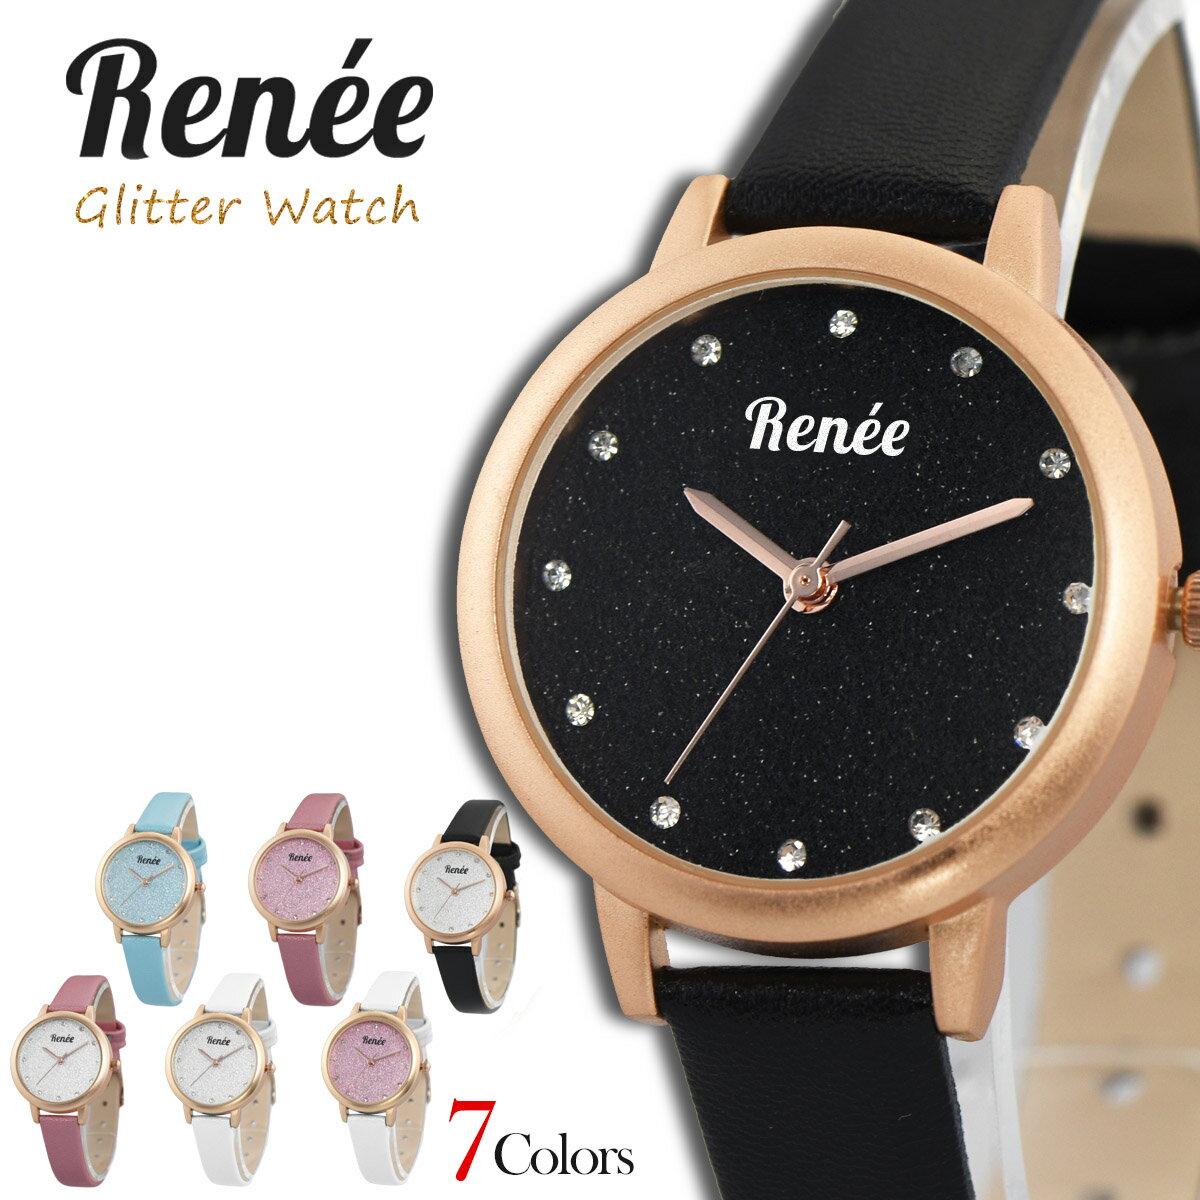 RENEE ルネ R01 腕時計 レディース アナログ クォーツウォッチ おしゃれ シンプル レザー 人気 カジュアル プチプラ